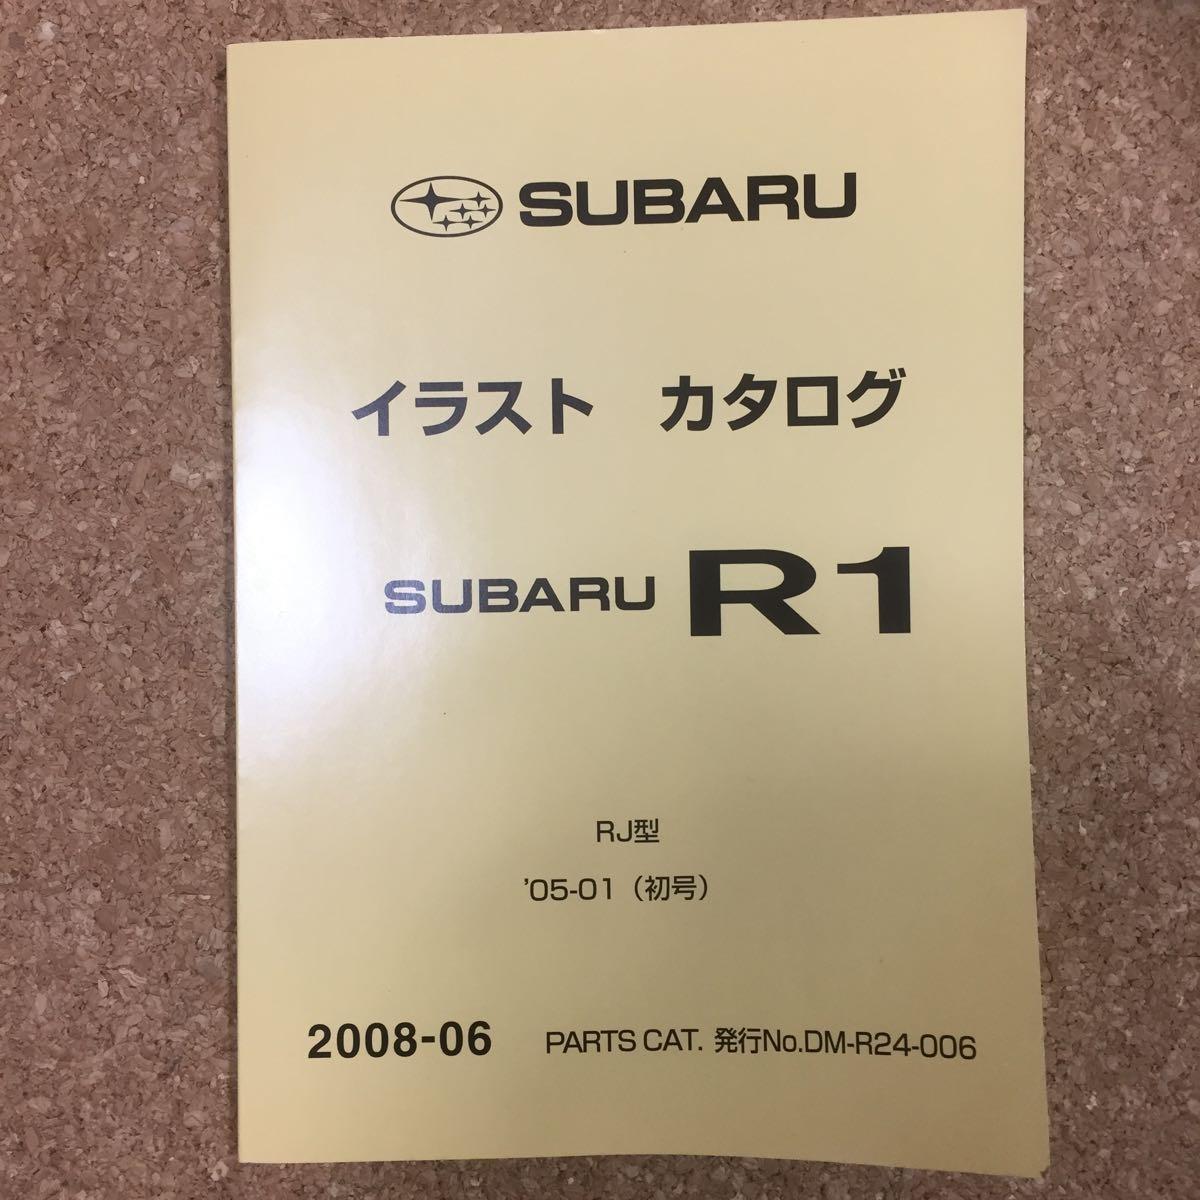 SUBARU R1 イラスト カタログ 1円売り切り